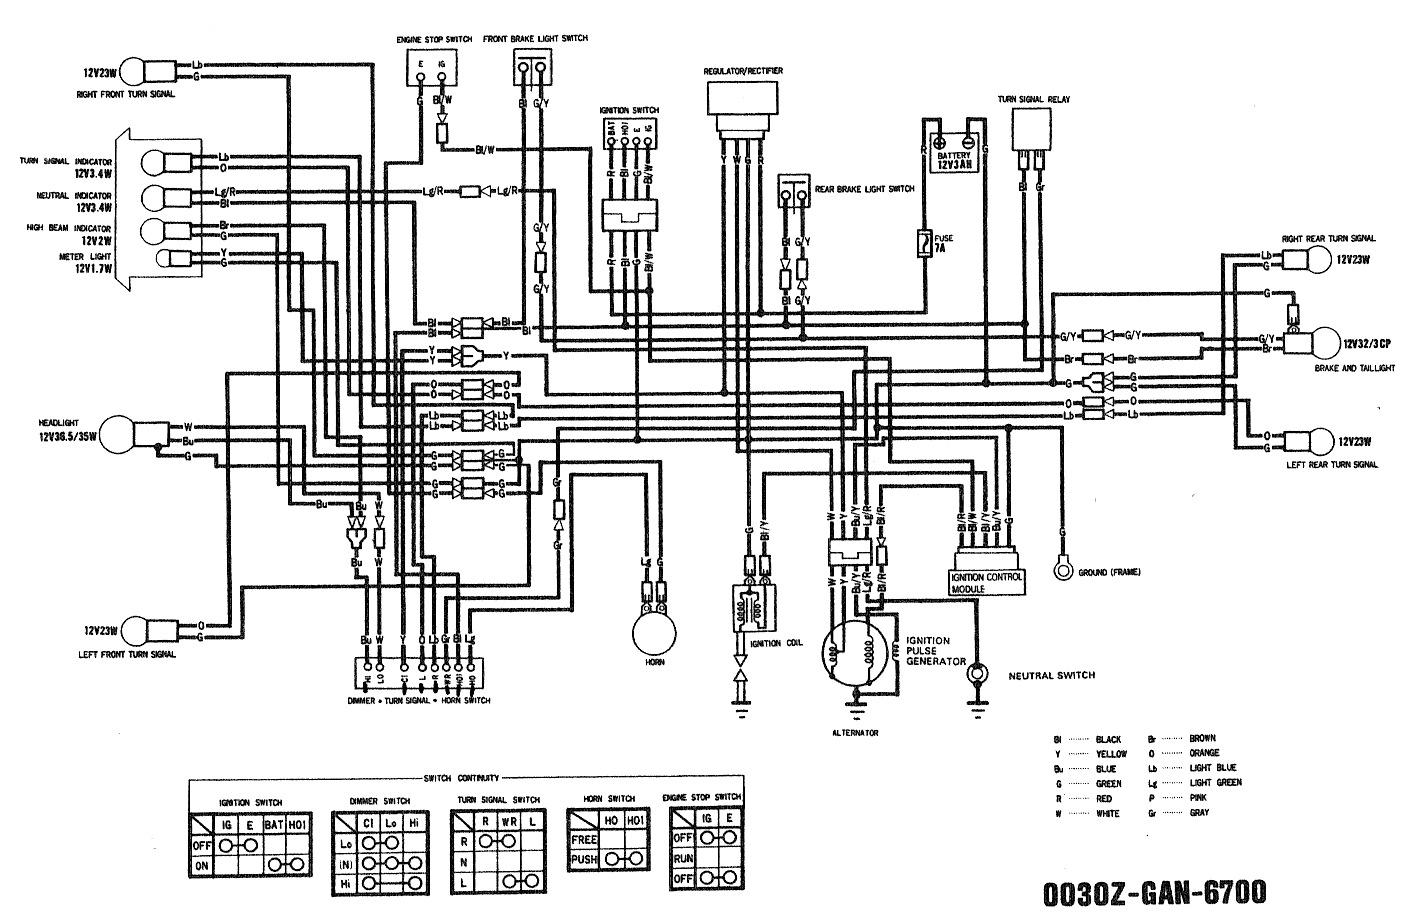 [DIAGRAM] 1982 Honda Xr80 Wiring Diagram FULL Version HD